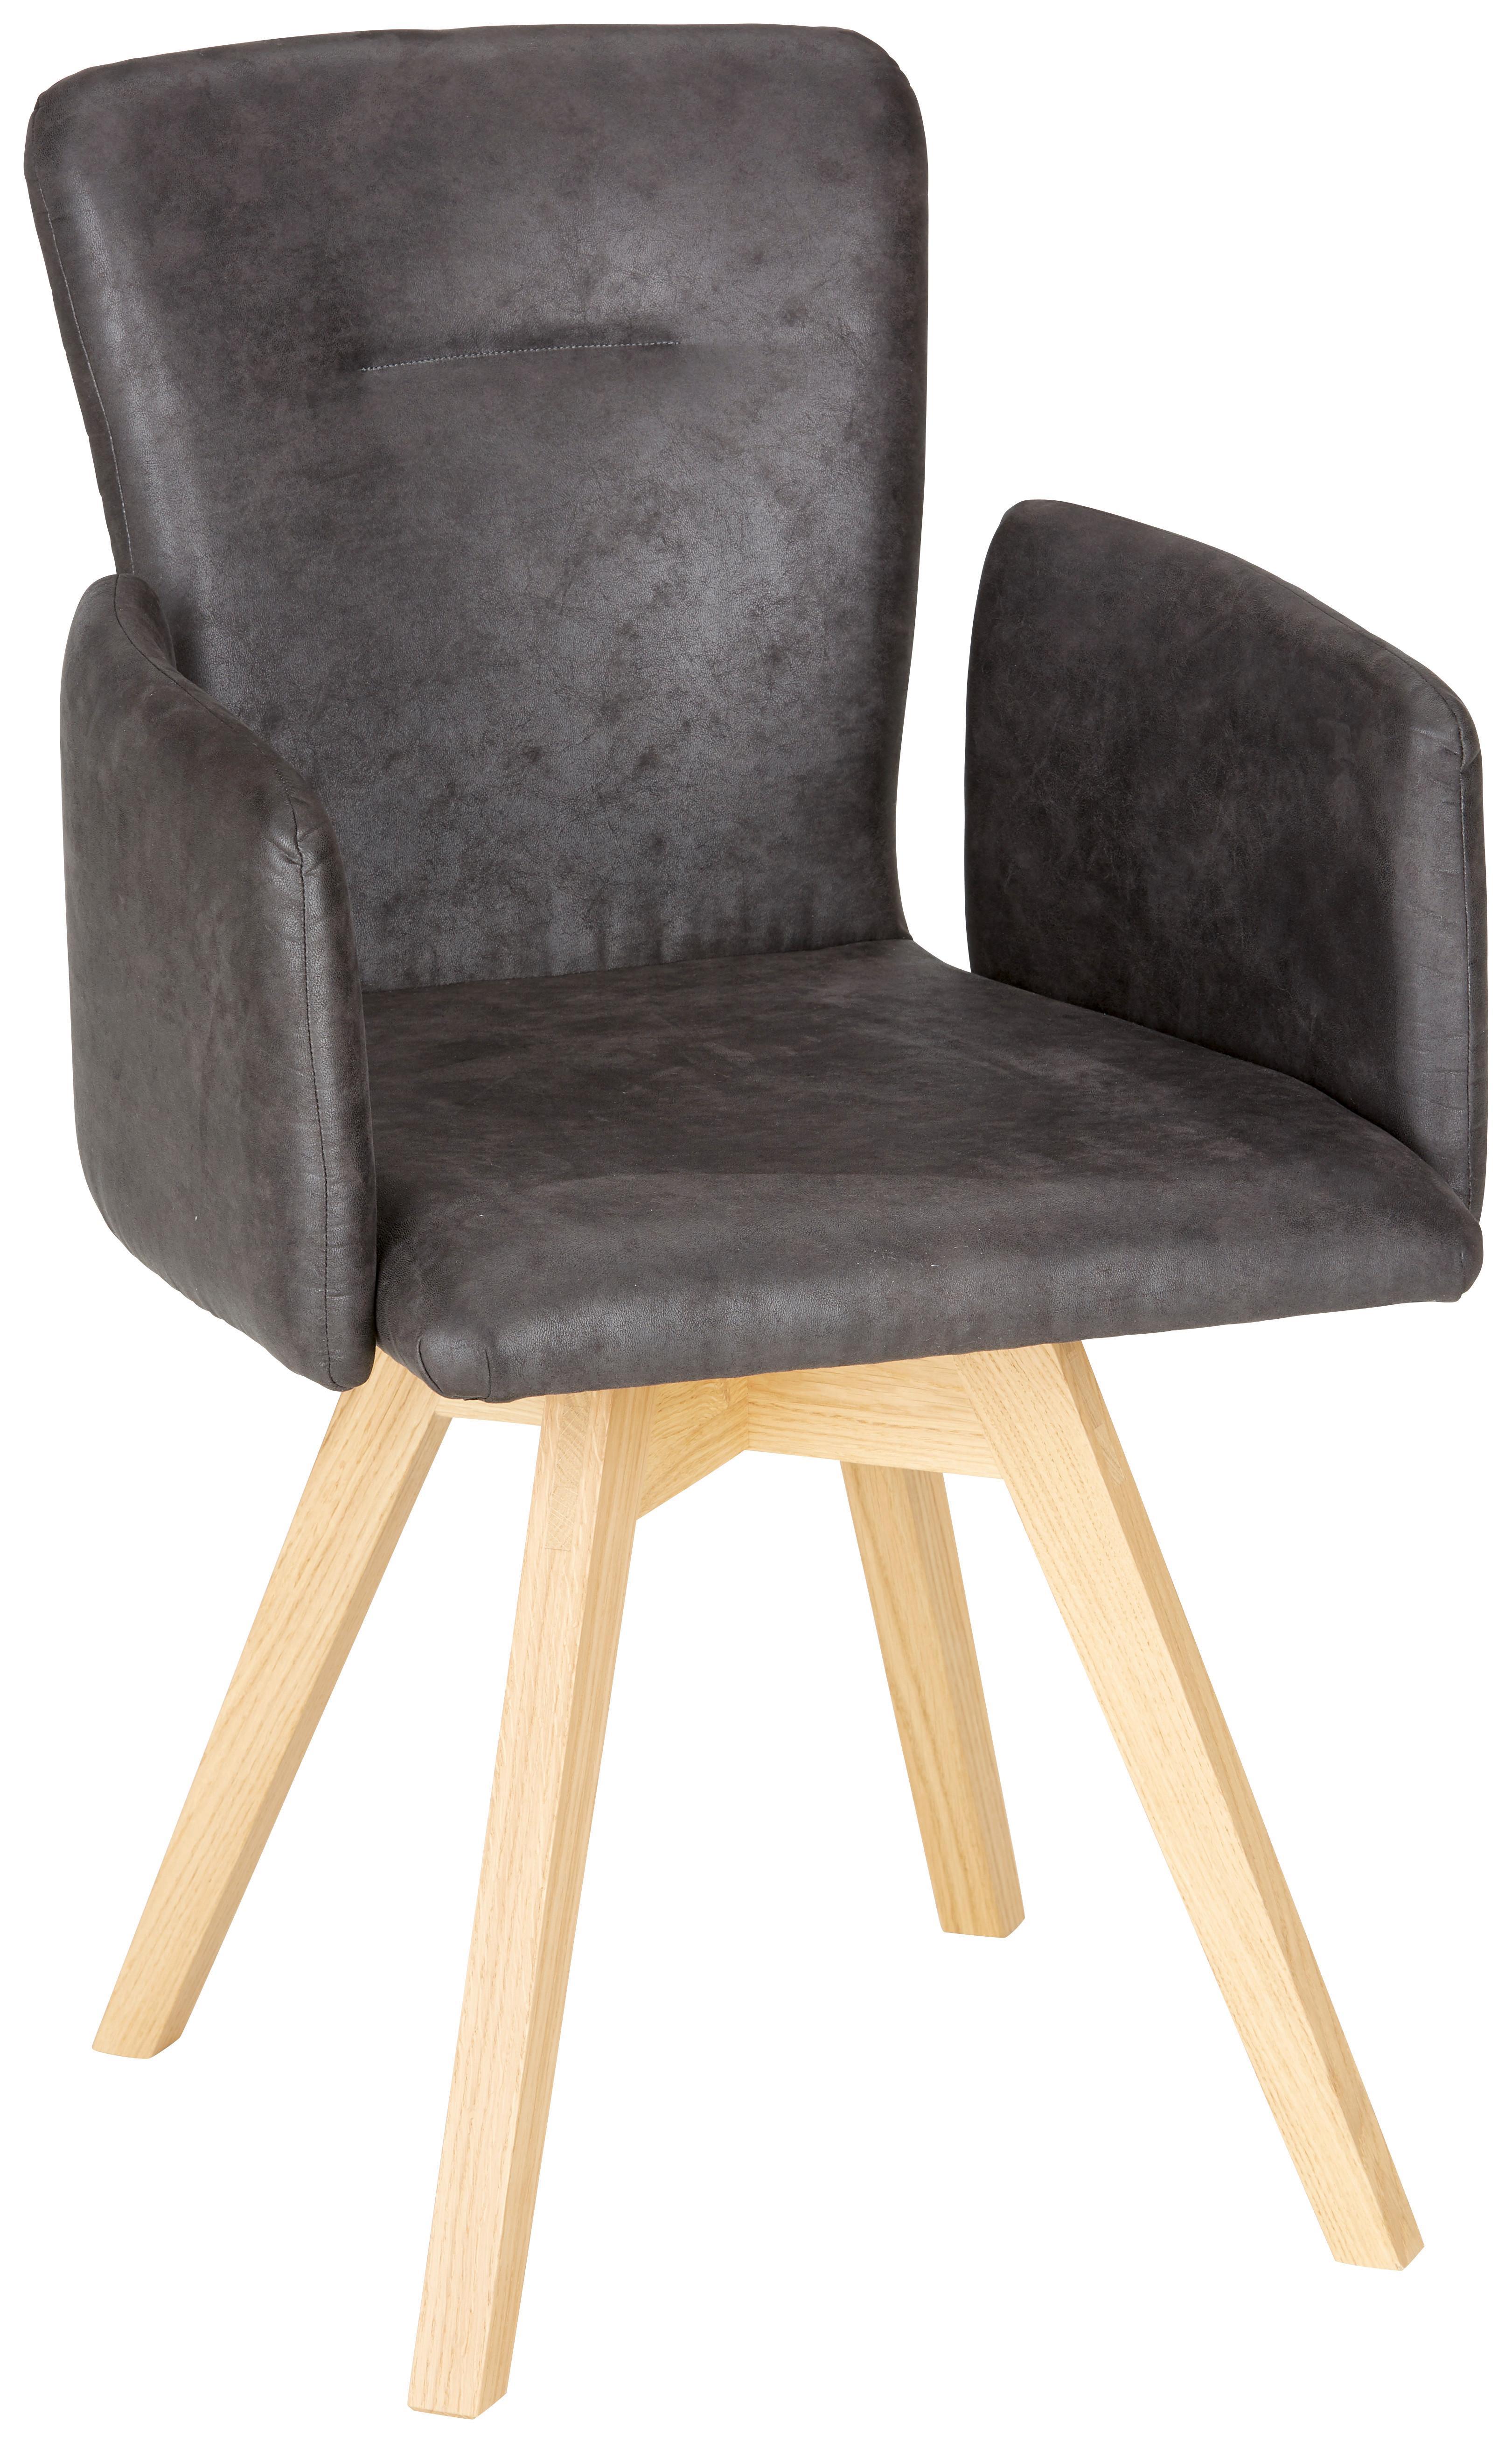 Image of Armlehnstuhl aus Wildeiche